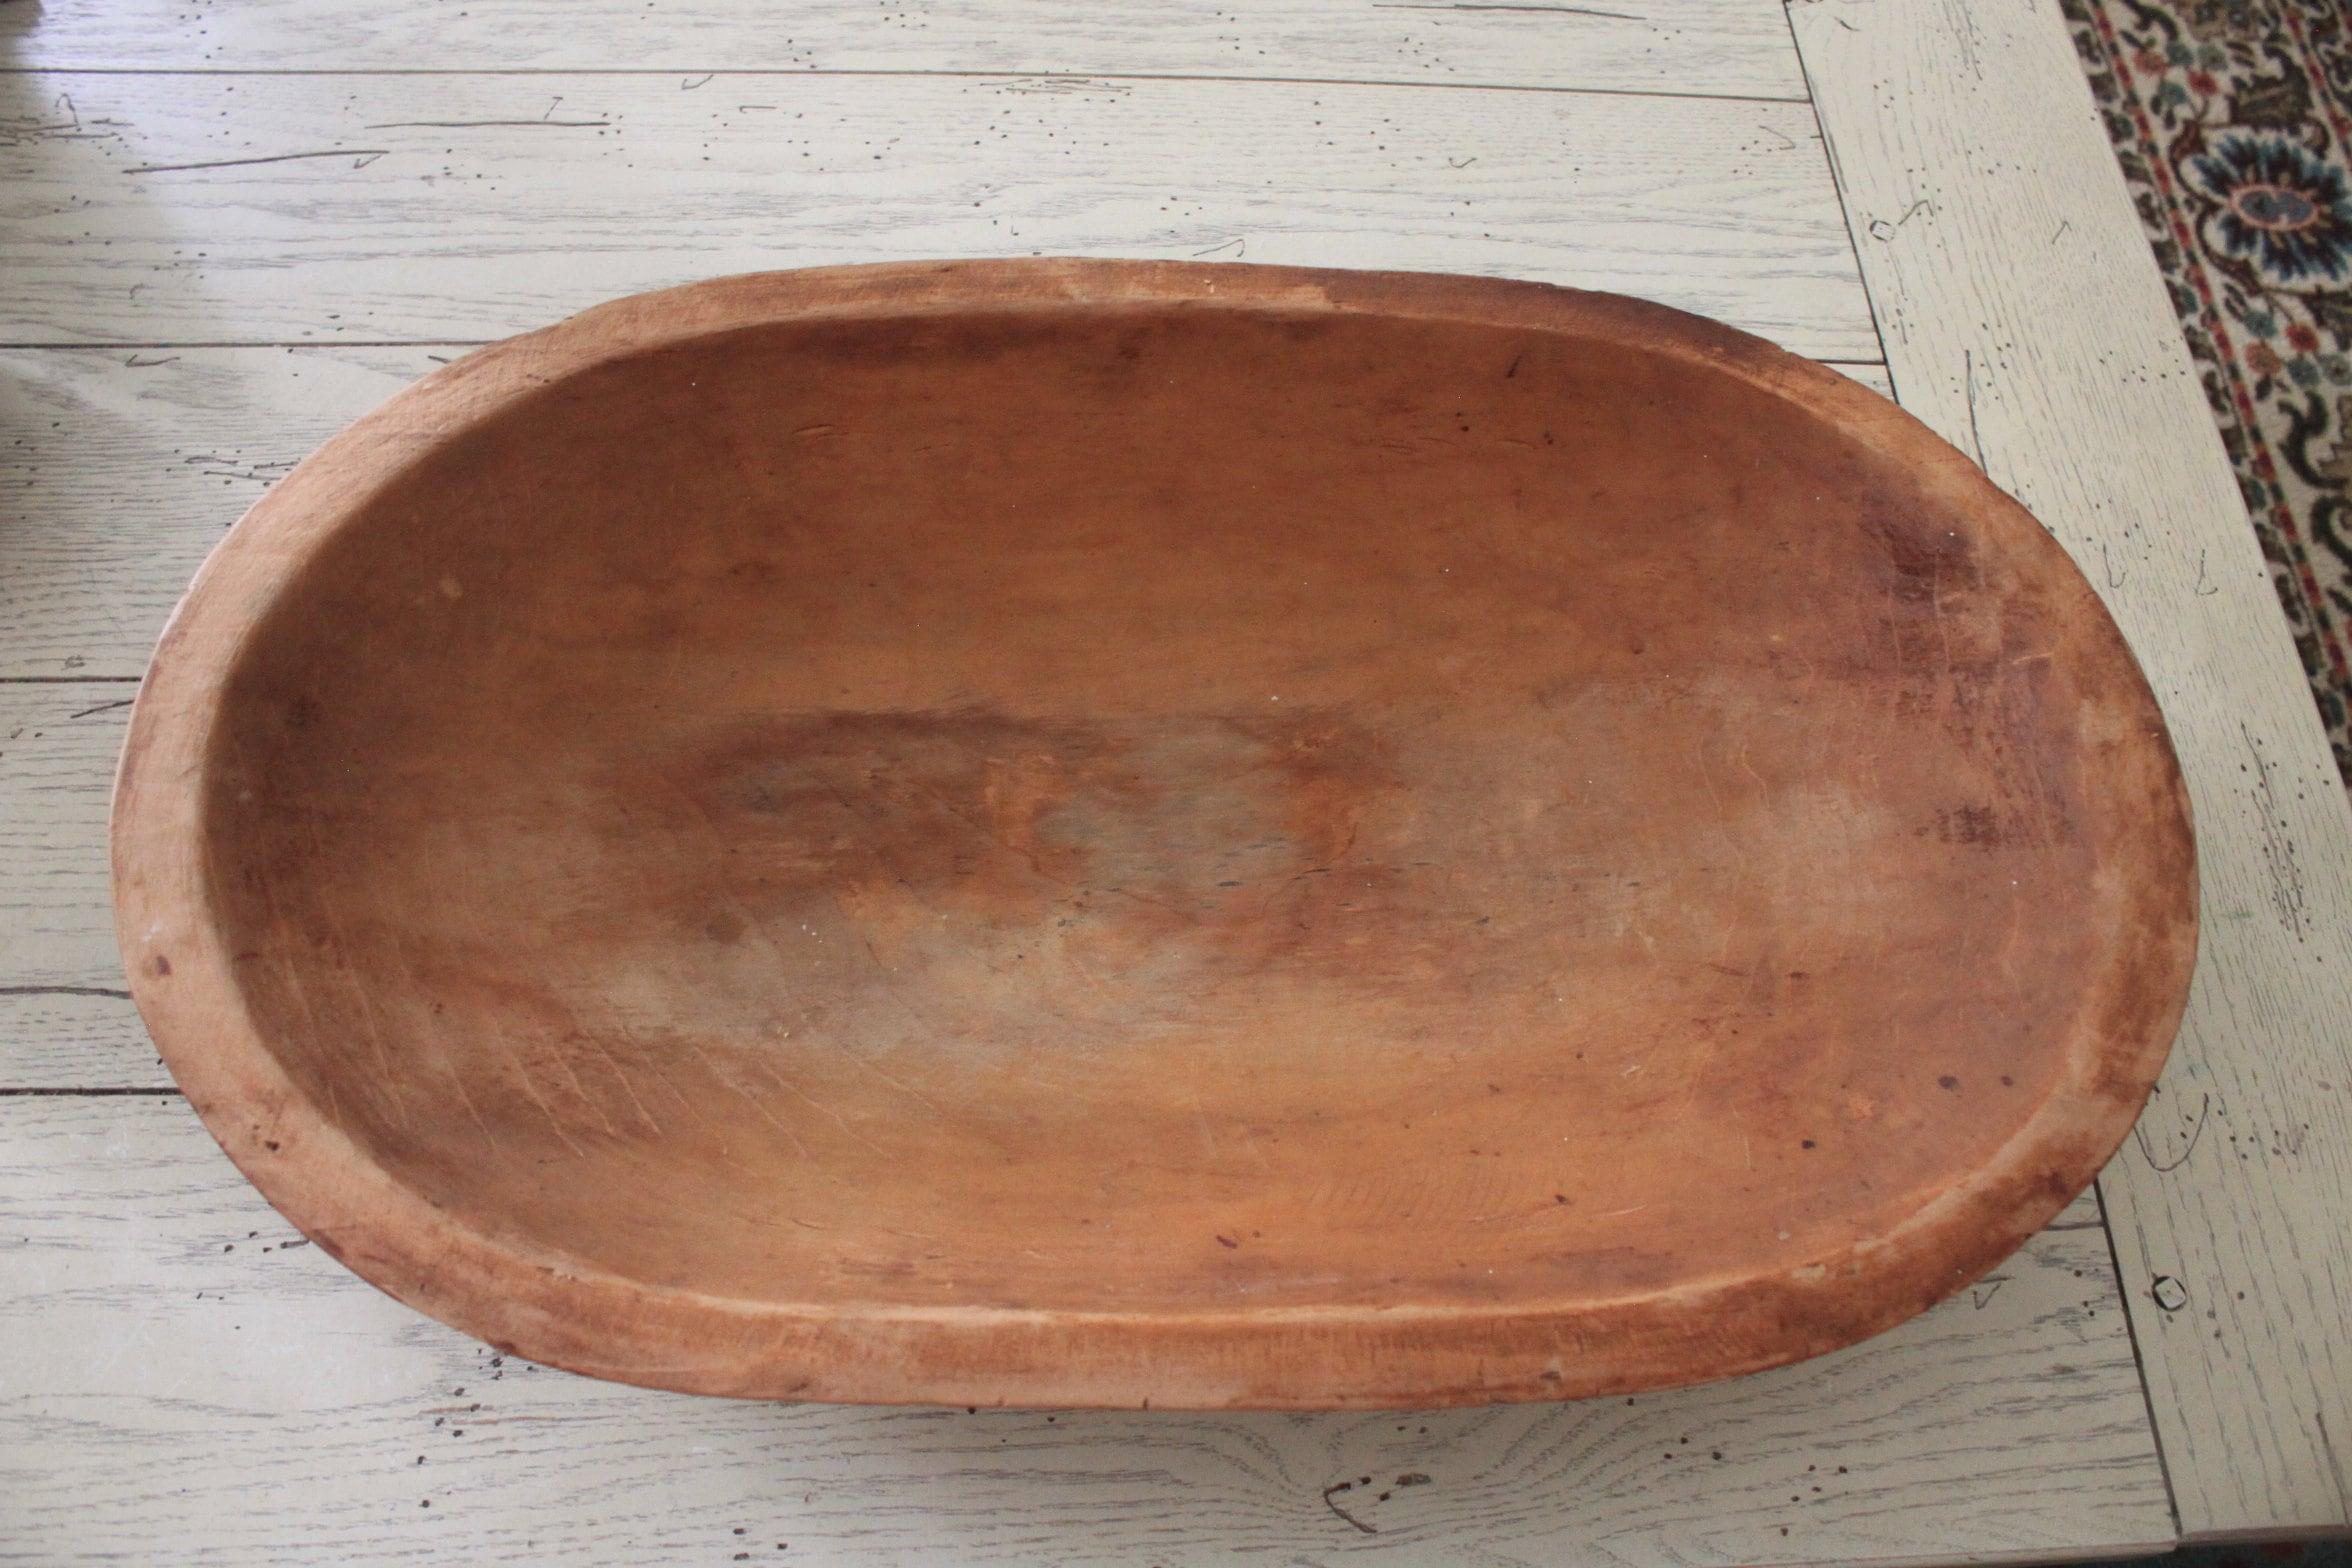 Primitive antique wooden dough bowl Rustic decor One piece if wood Handcarved dough bowl Primitive wooden bowl